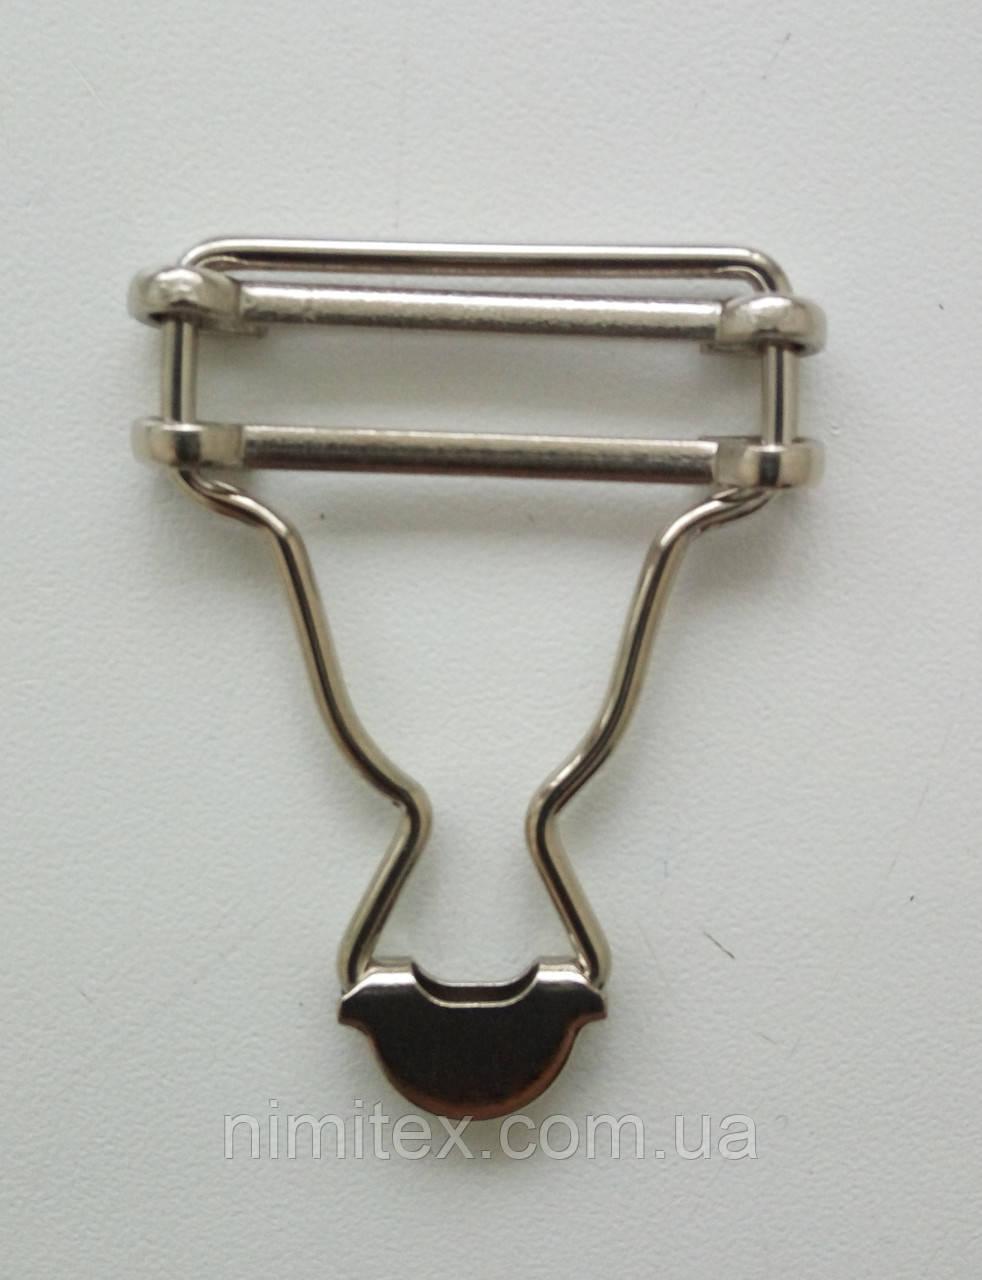 Застежка для комбинезона 30 мм никель